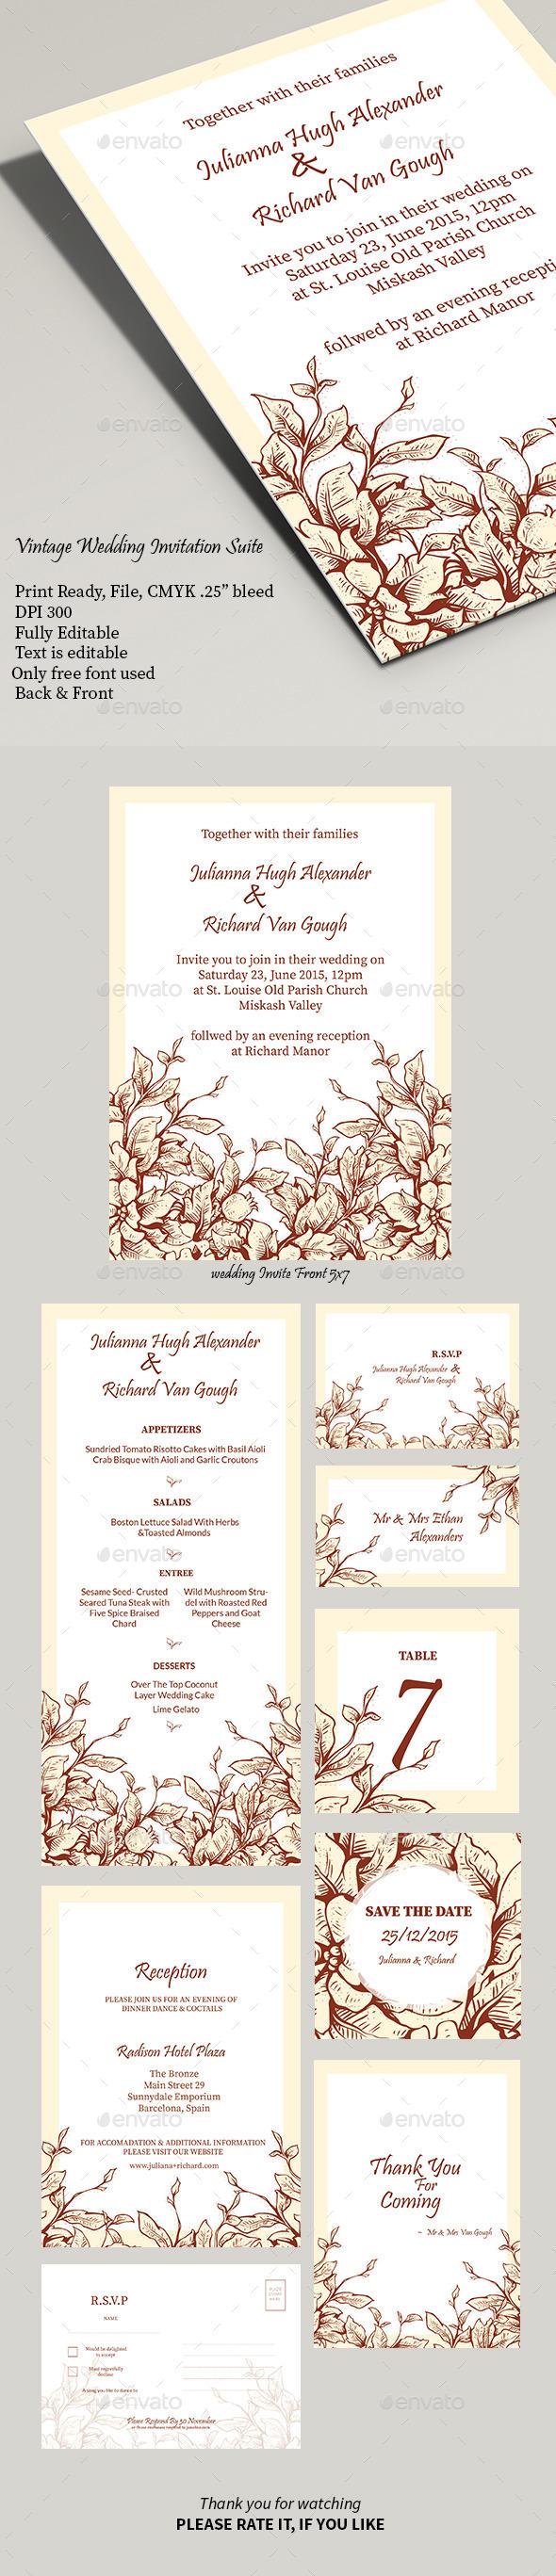 Vintage Wedding Invitation Suite - Weddings Cards & Invites